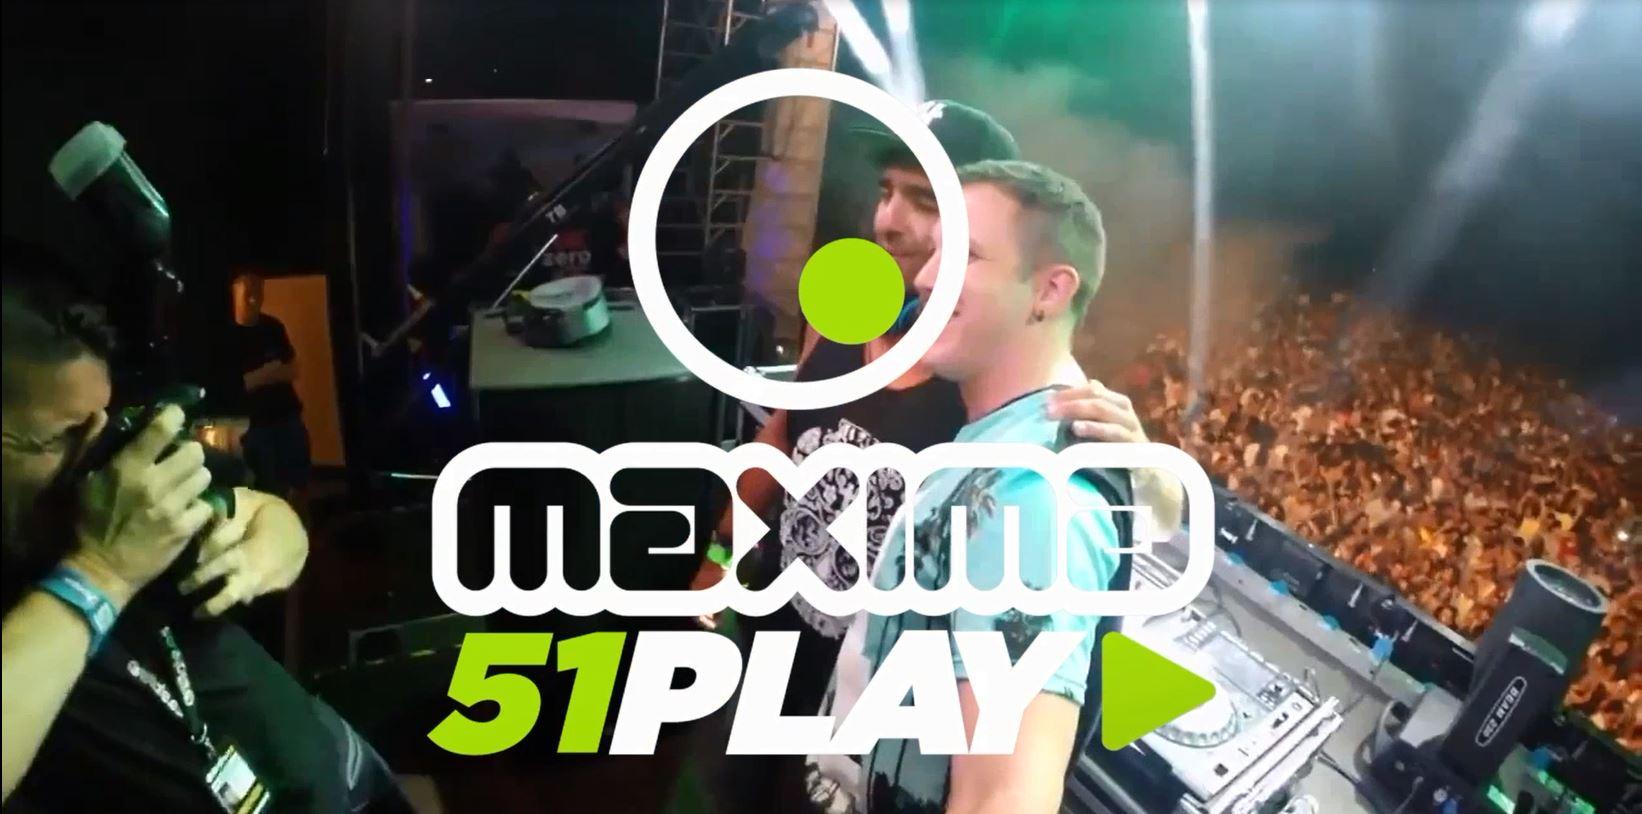 Maxima 51 Play te trae lo nuevo de Jose M Duro & Ramsés López